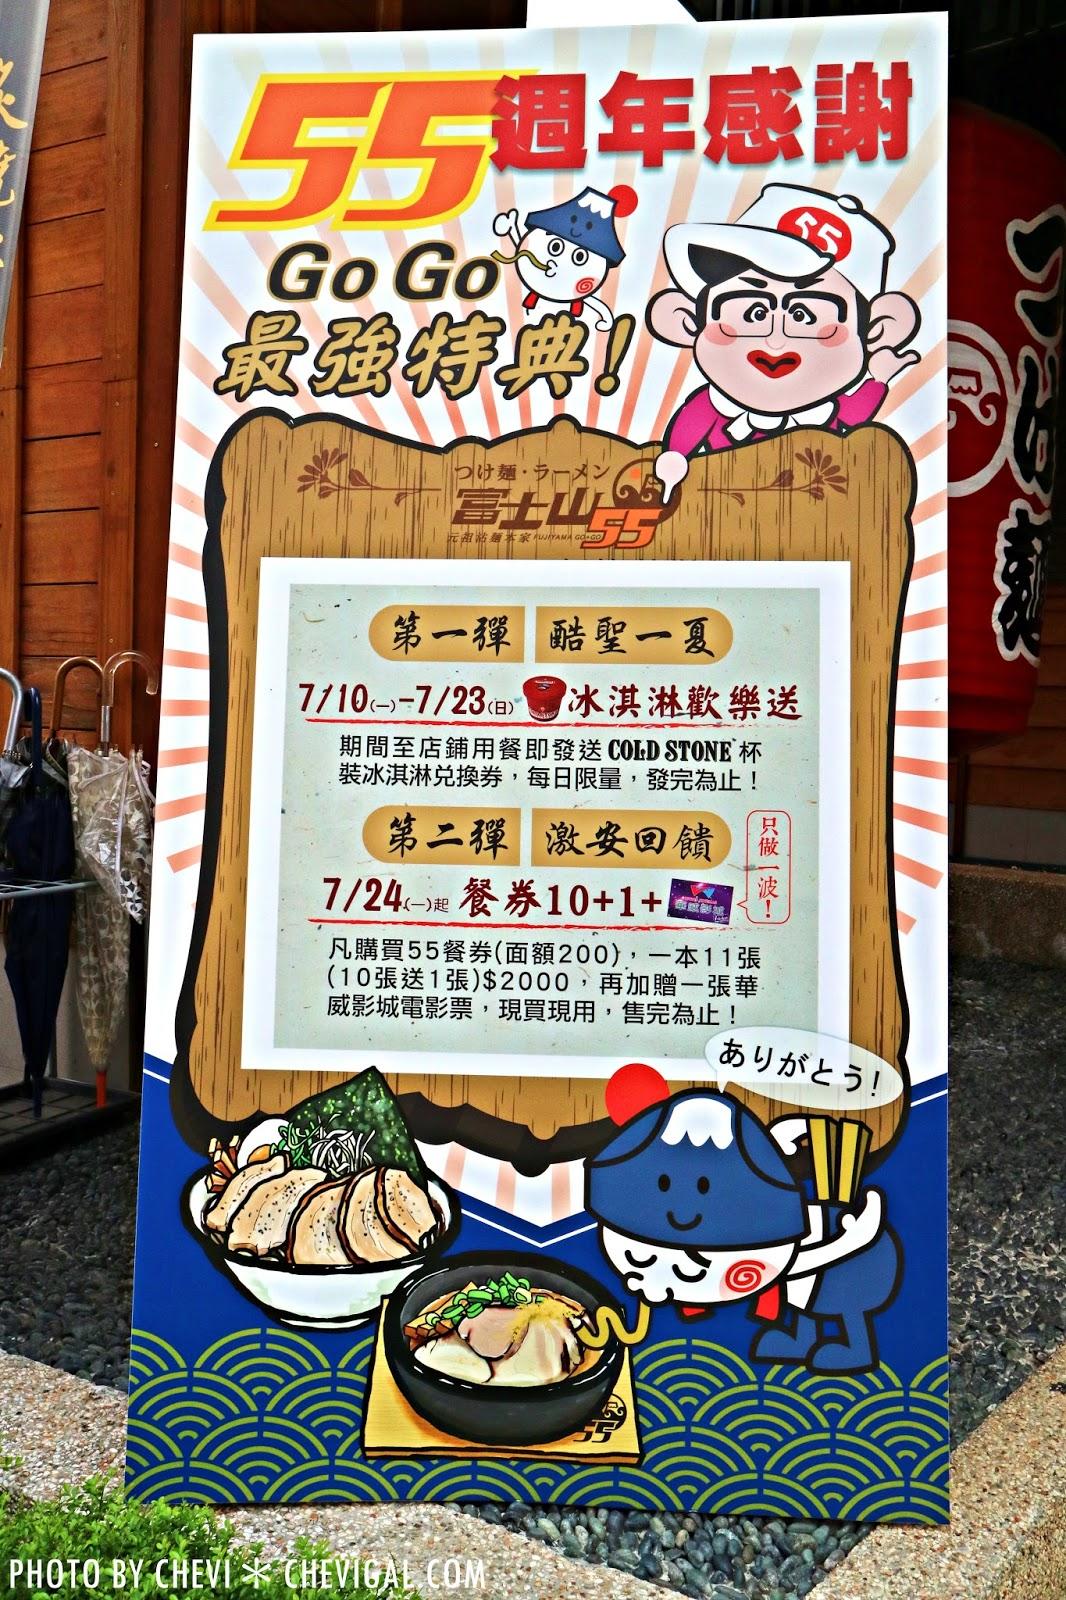 IMG 9839 - 熱血採訪│富士山55沾麵,富士山55周年感謝祭。澎派菜單全新登場。還有免費 Cold Stone冰淇淋請你吃